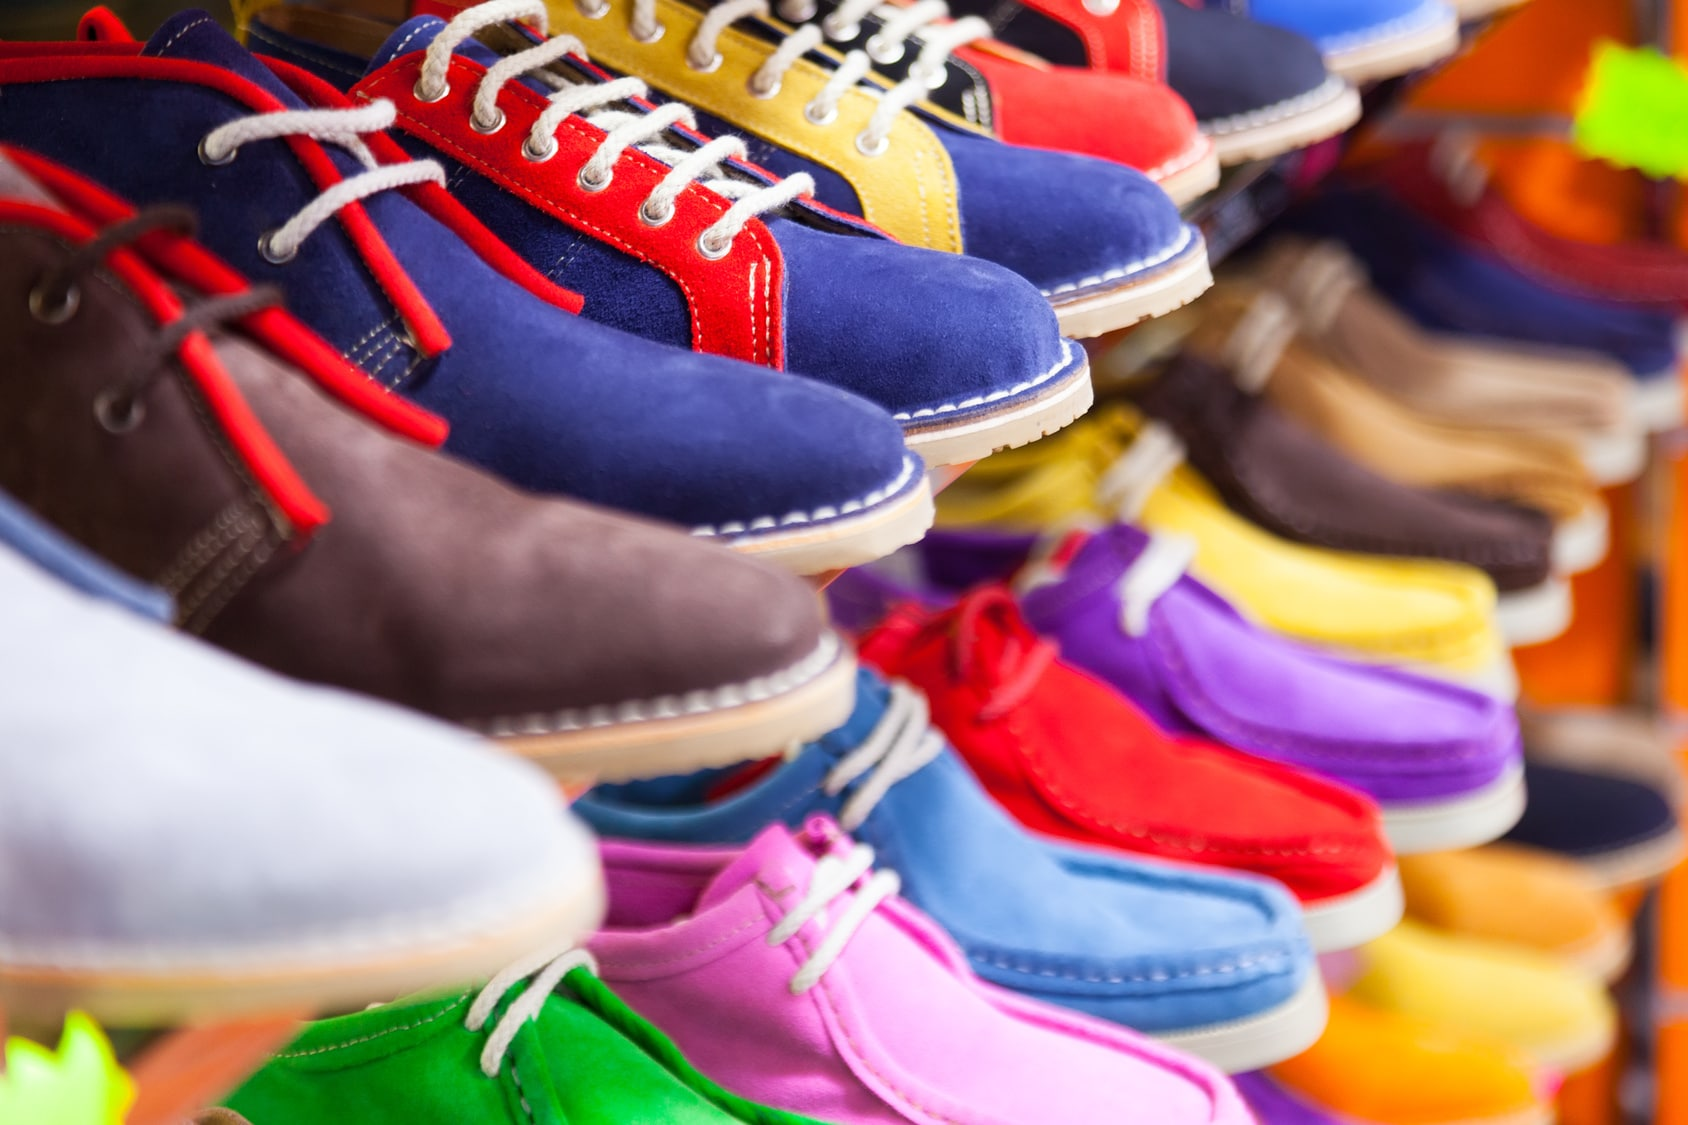 4fa3e9599 Vender Sapatos no Atacado  11 estratégias infalíveis